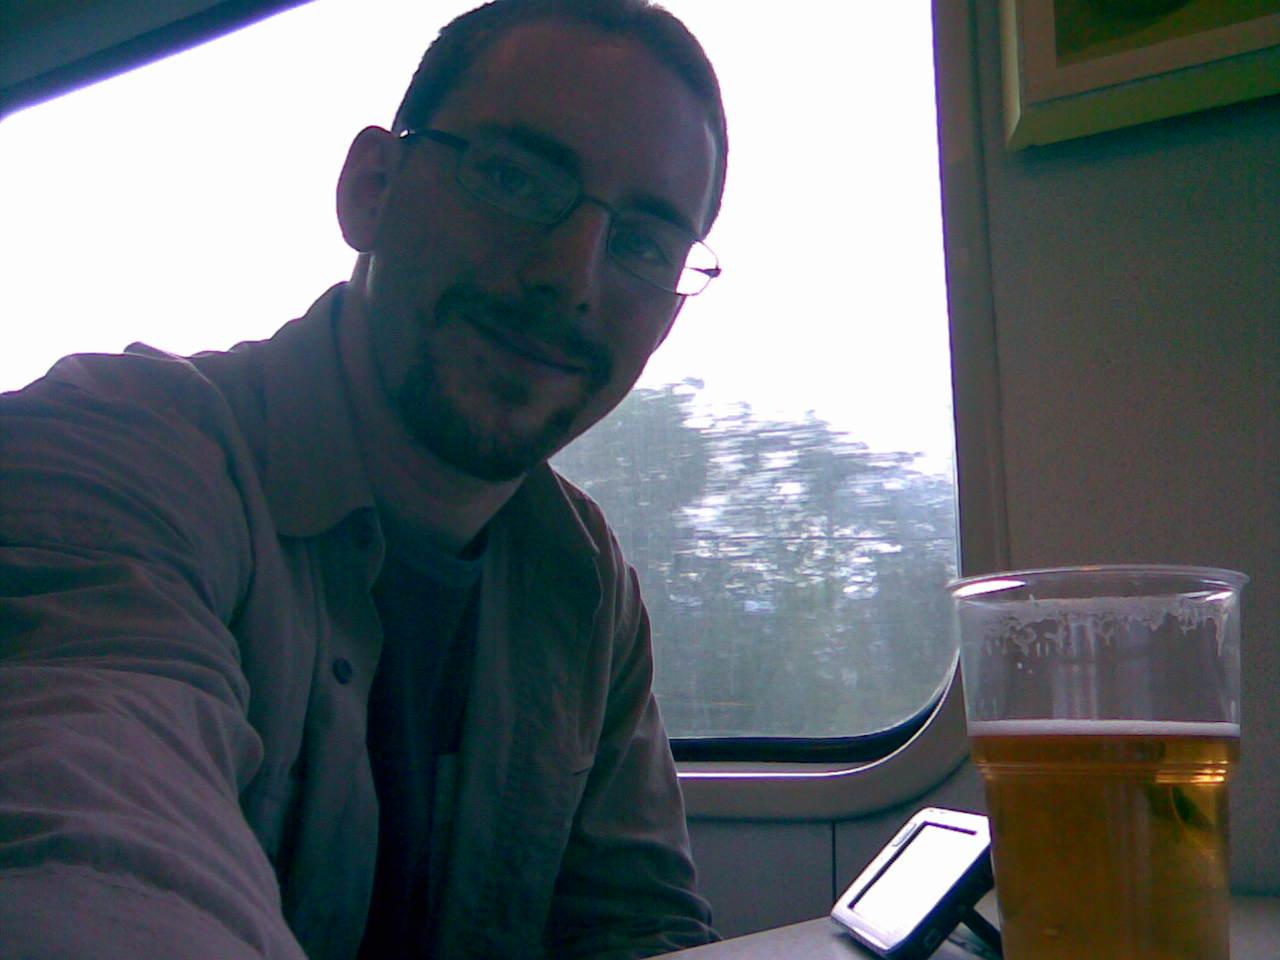 Junan ravintolavaunussa